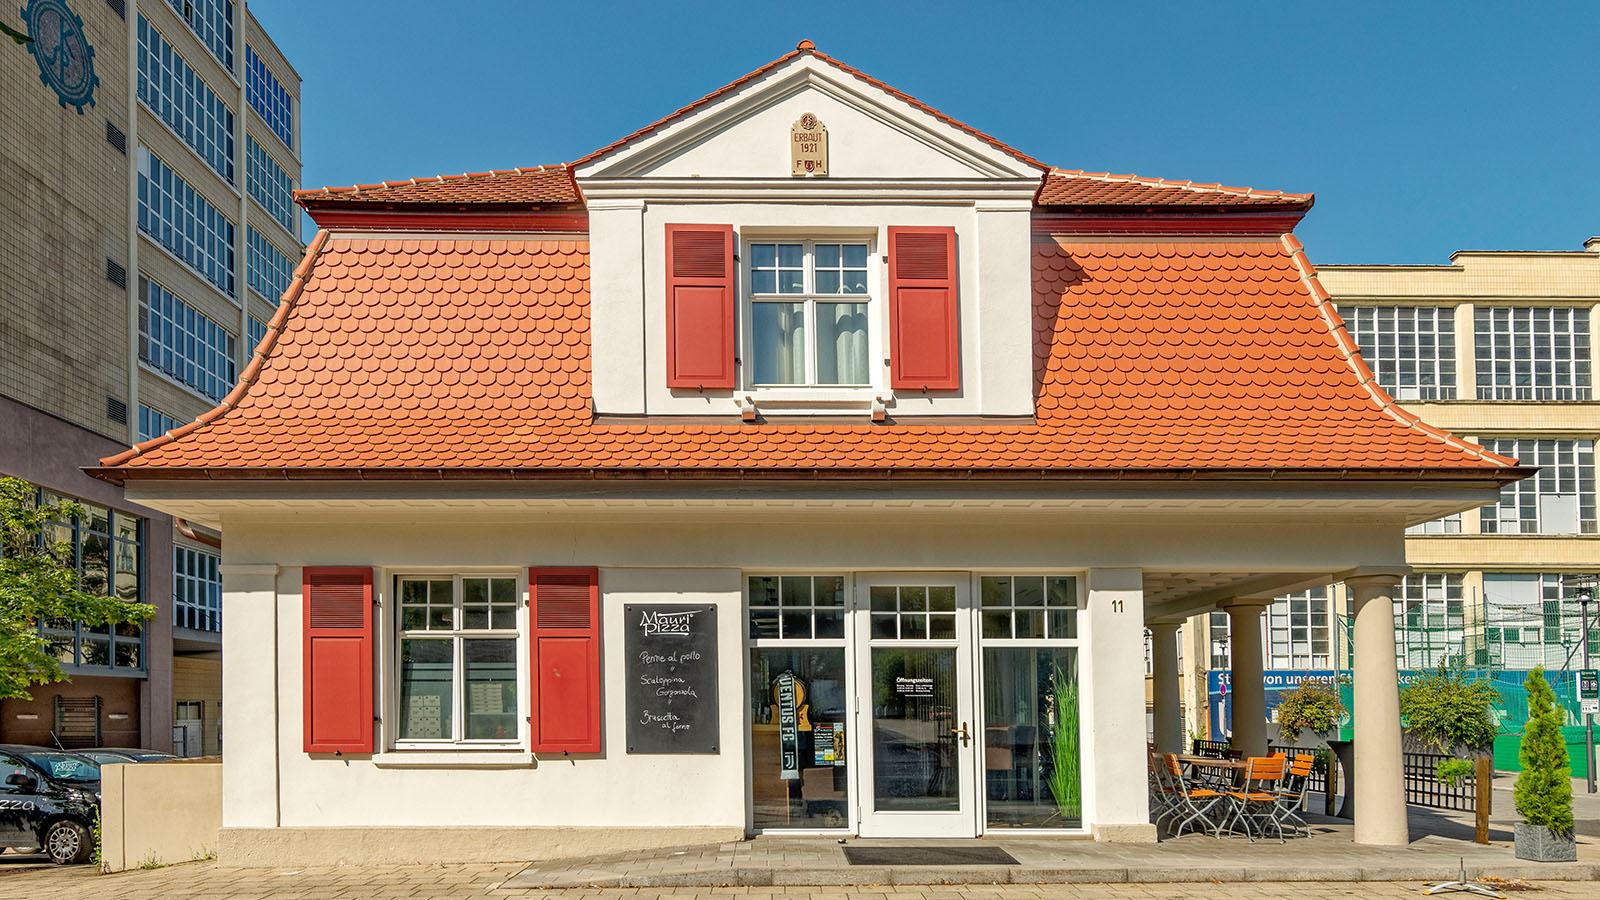 h2m-pfoertnerhaus-alte-spinnerei-kulmbach-denkmalschutz-sanierung-fassade